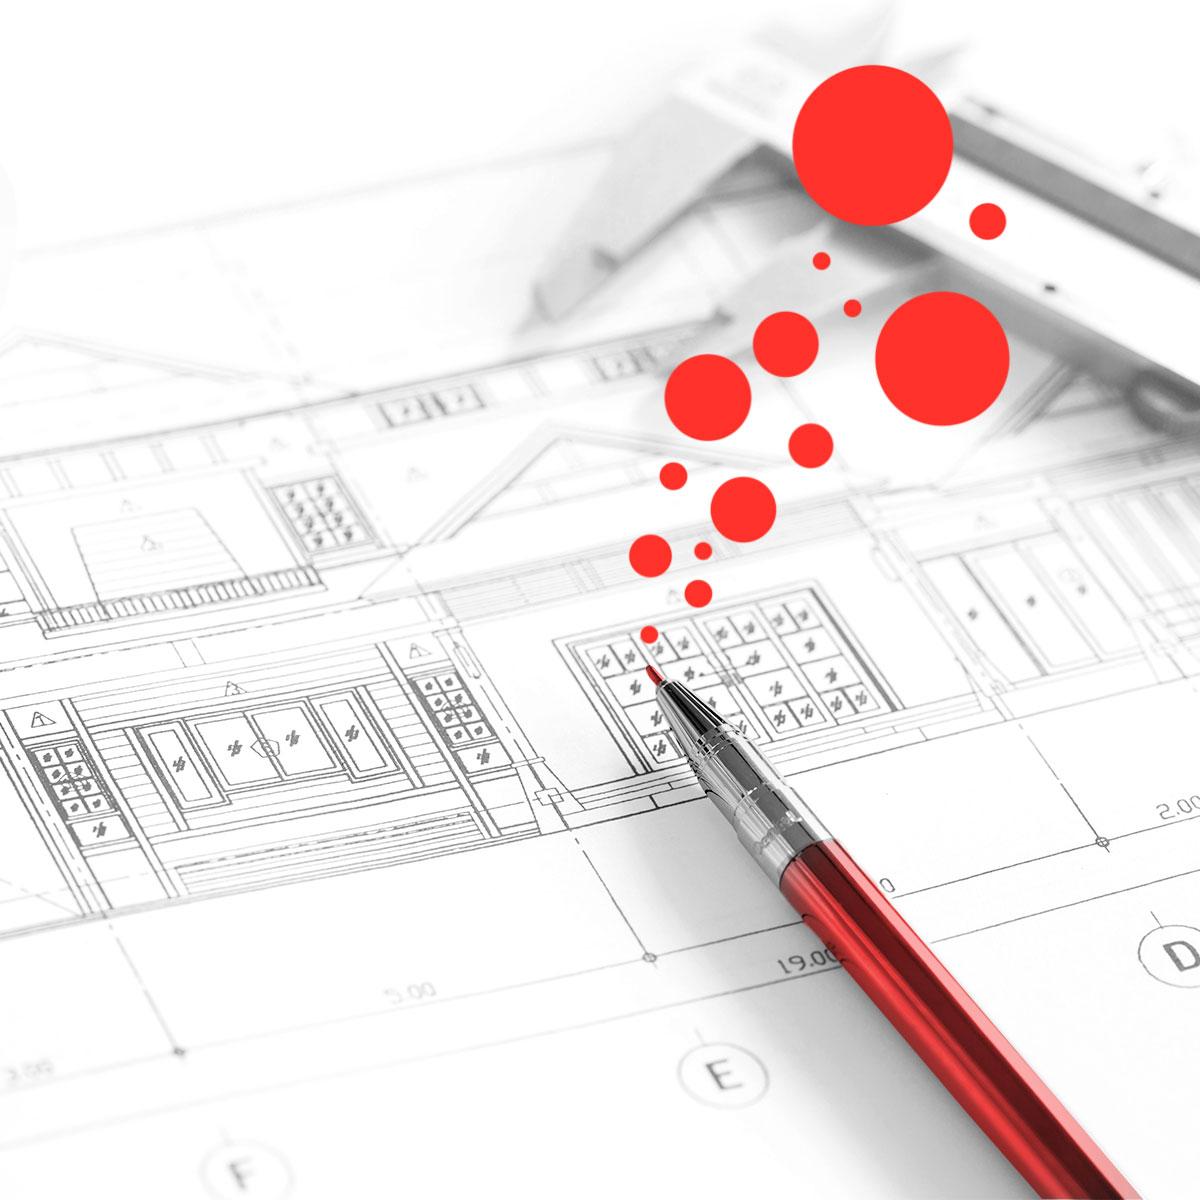 Las herramientas del analista: Google Analytics 4